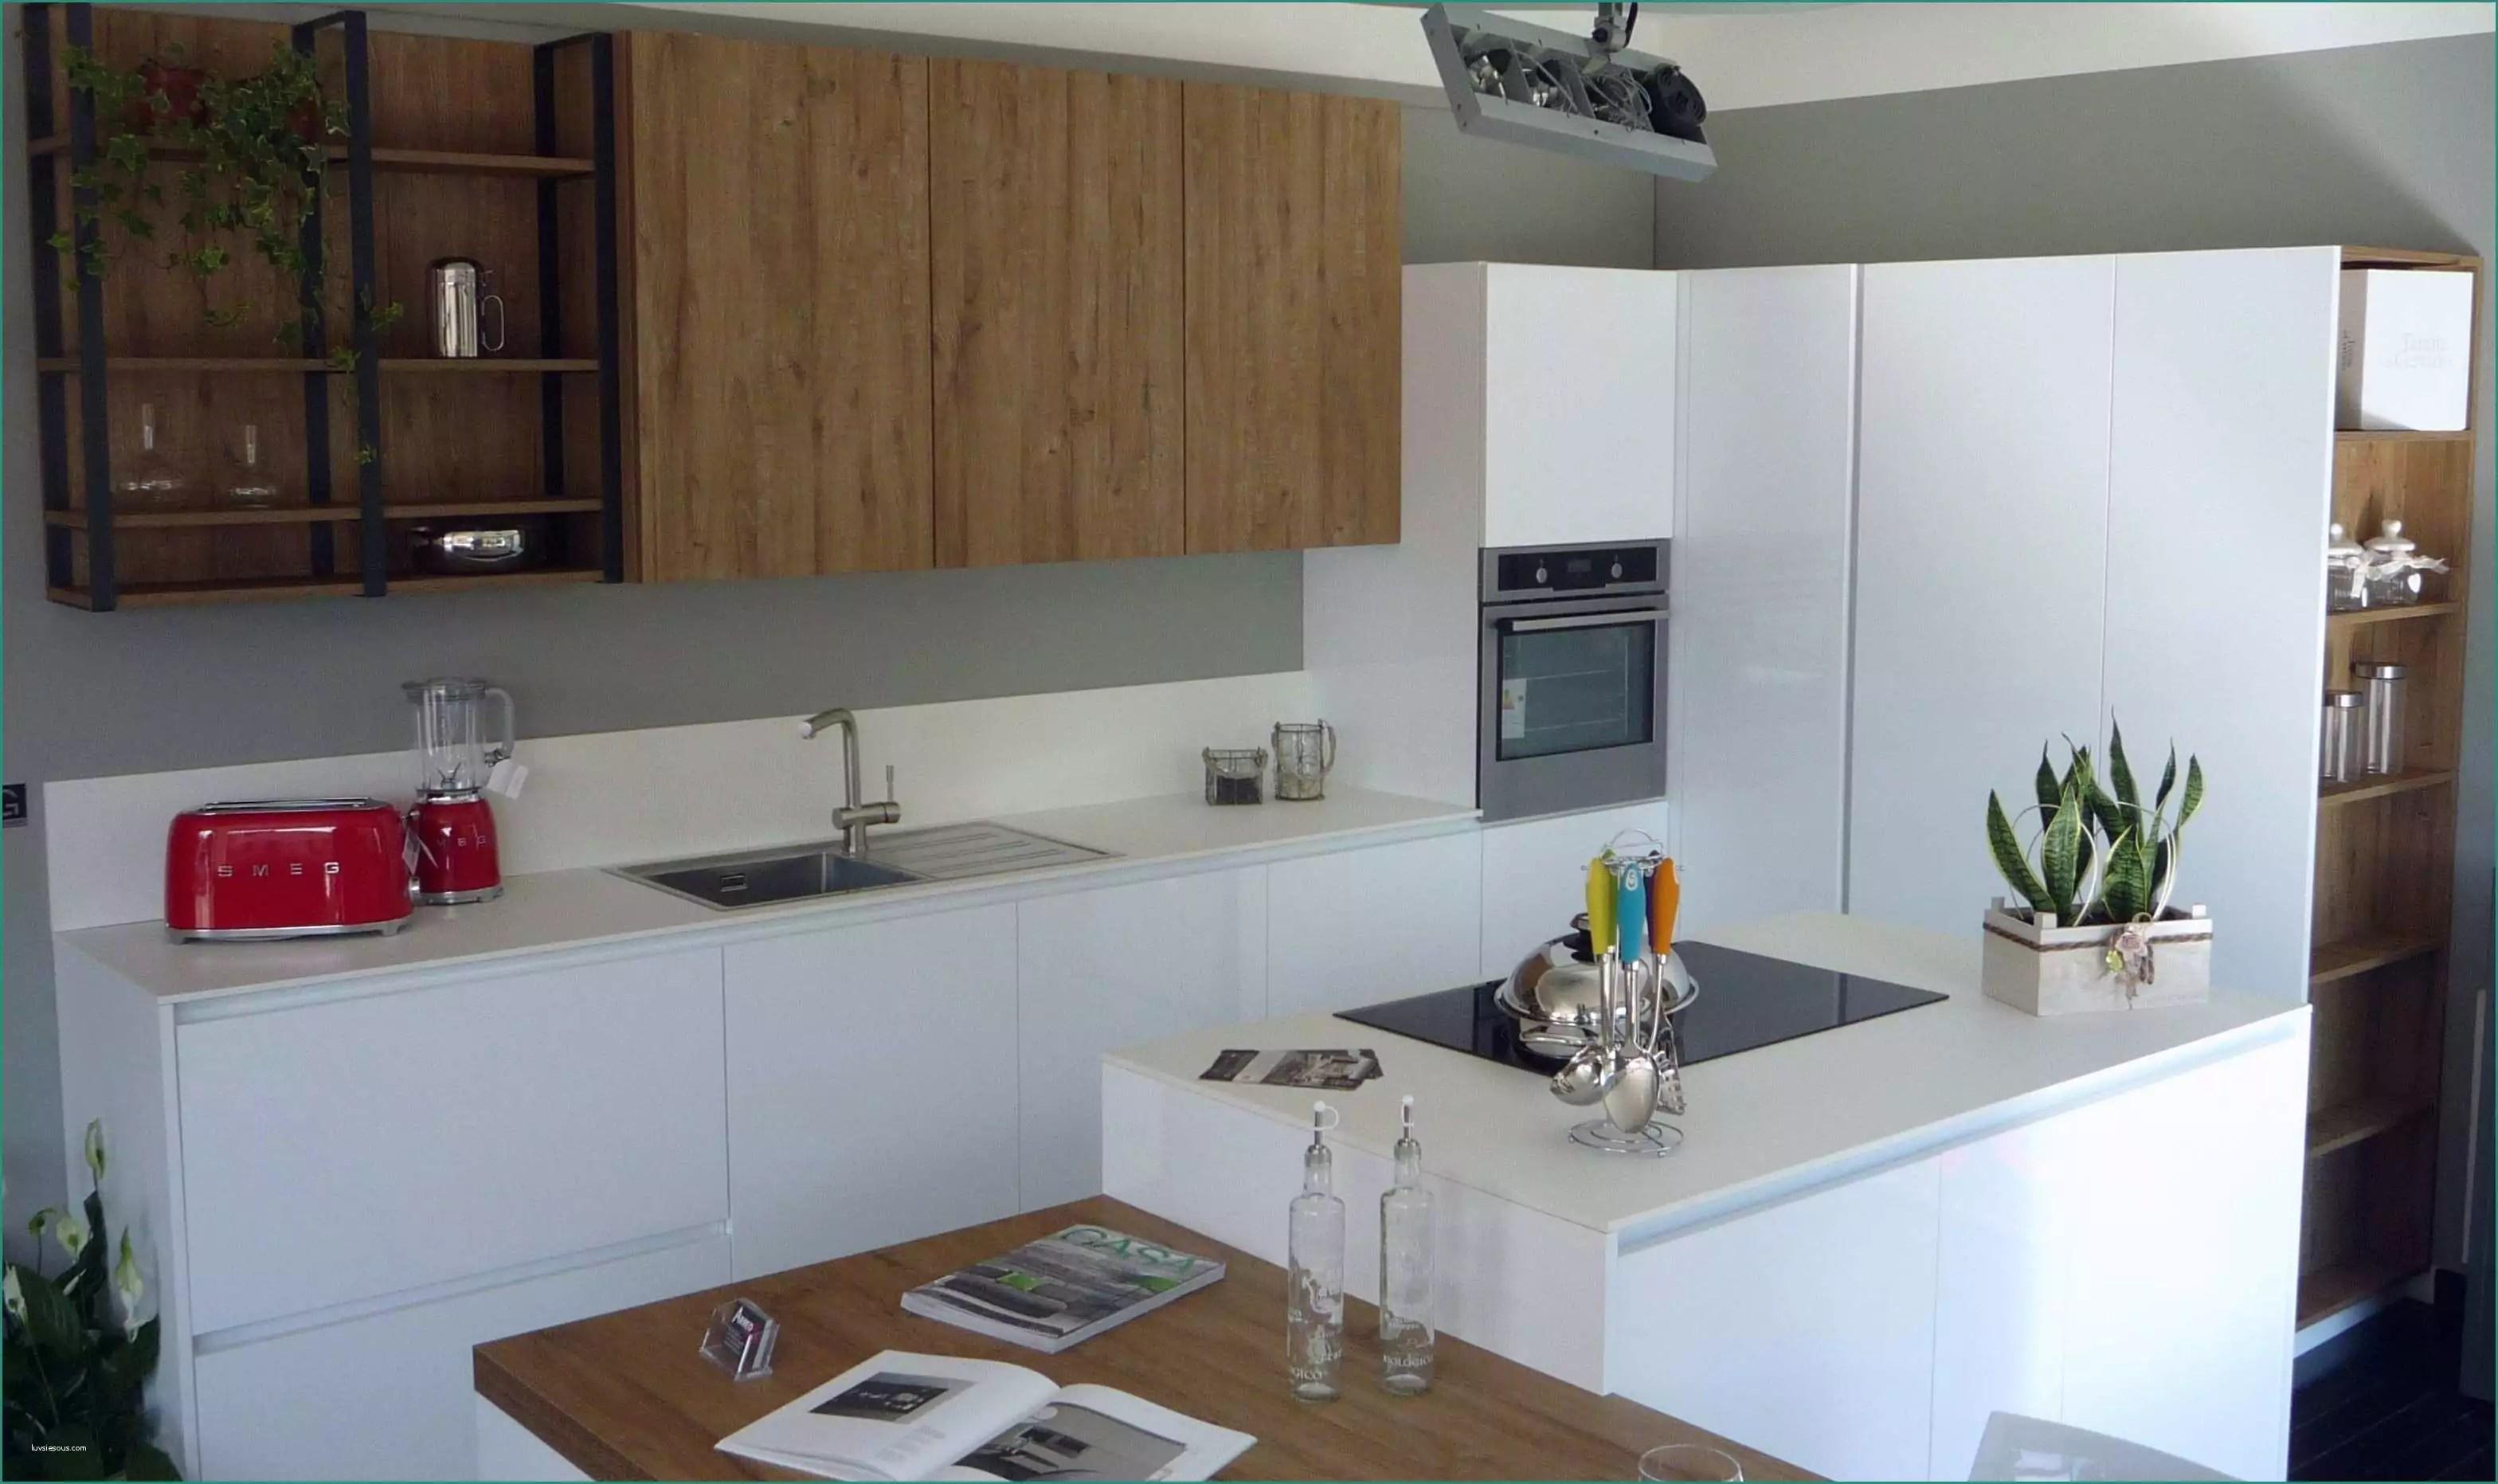 Cucina Angolo Moderna | Cucine Ad Angolo Moderne 650 366 Cucina ...